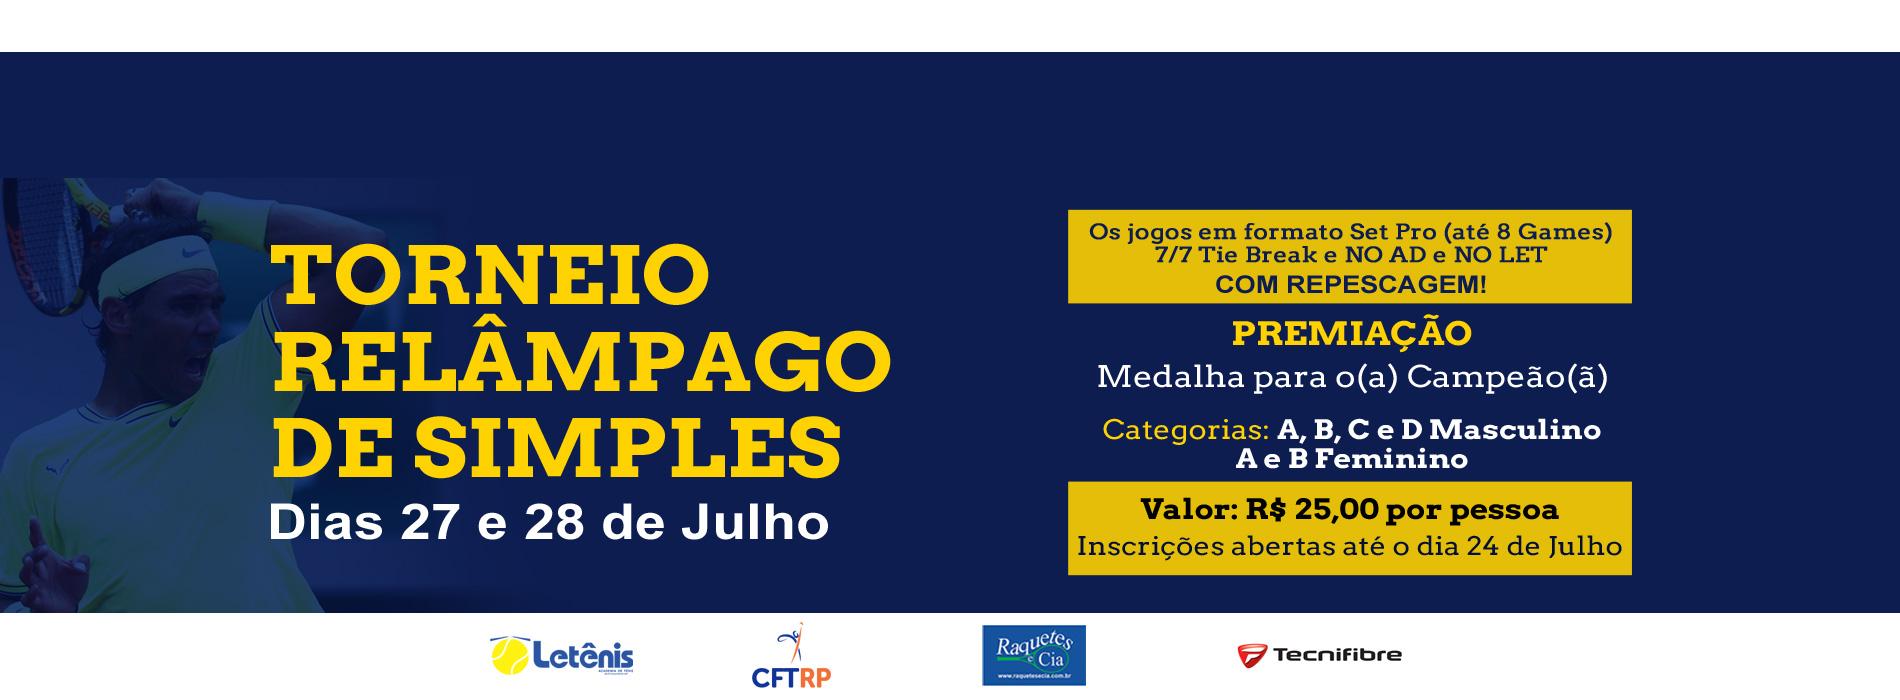 Torneio Relâmpago De Simples - Dias 27 e 28 de Julho de 2019